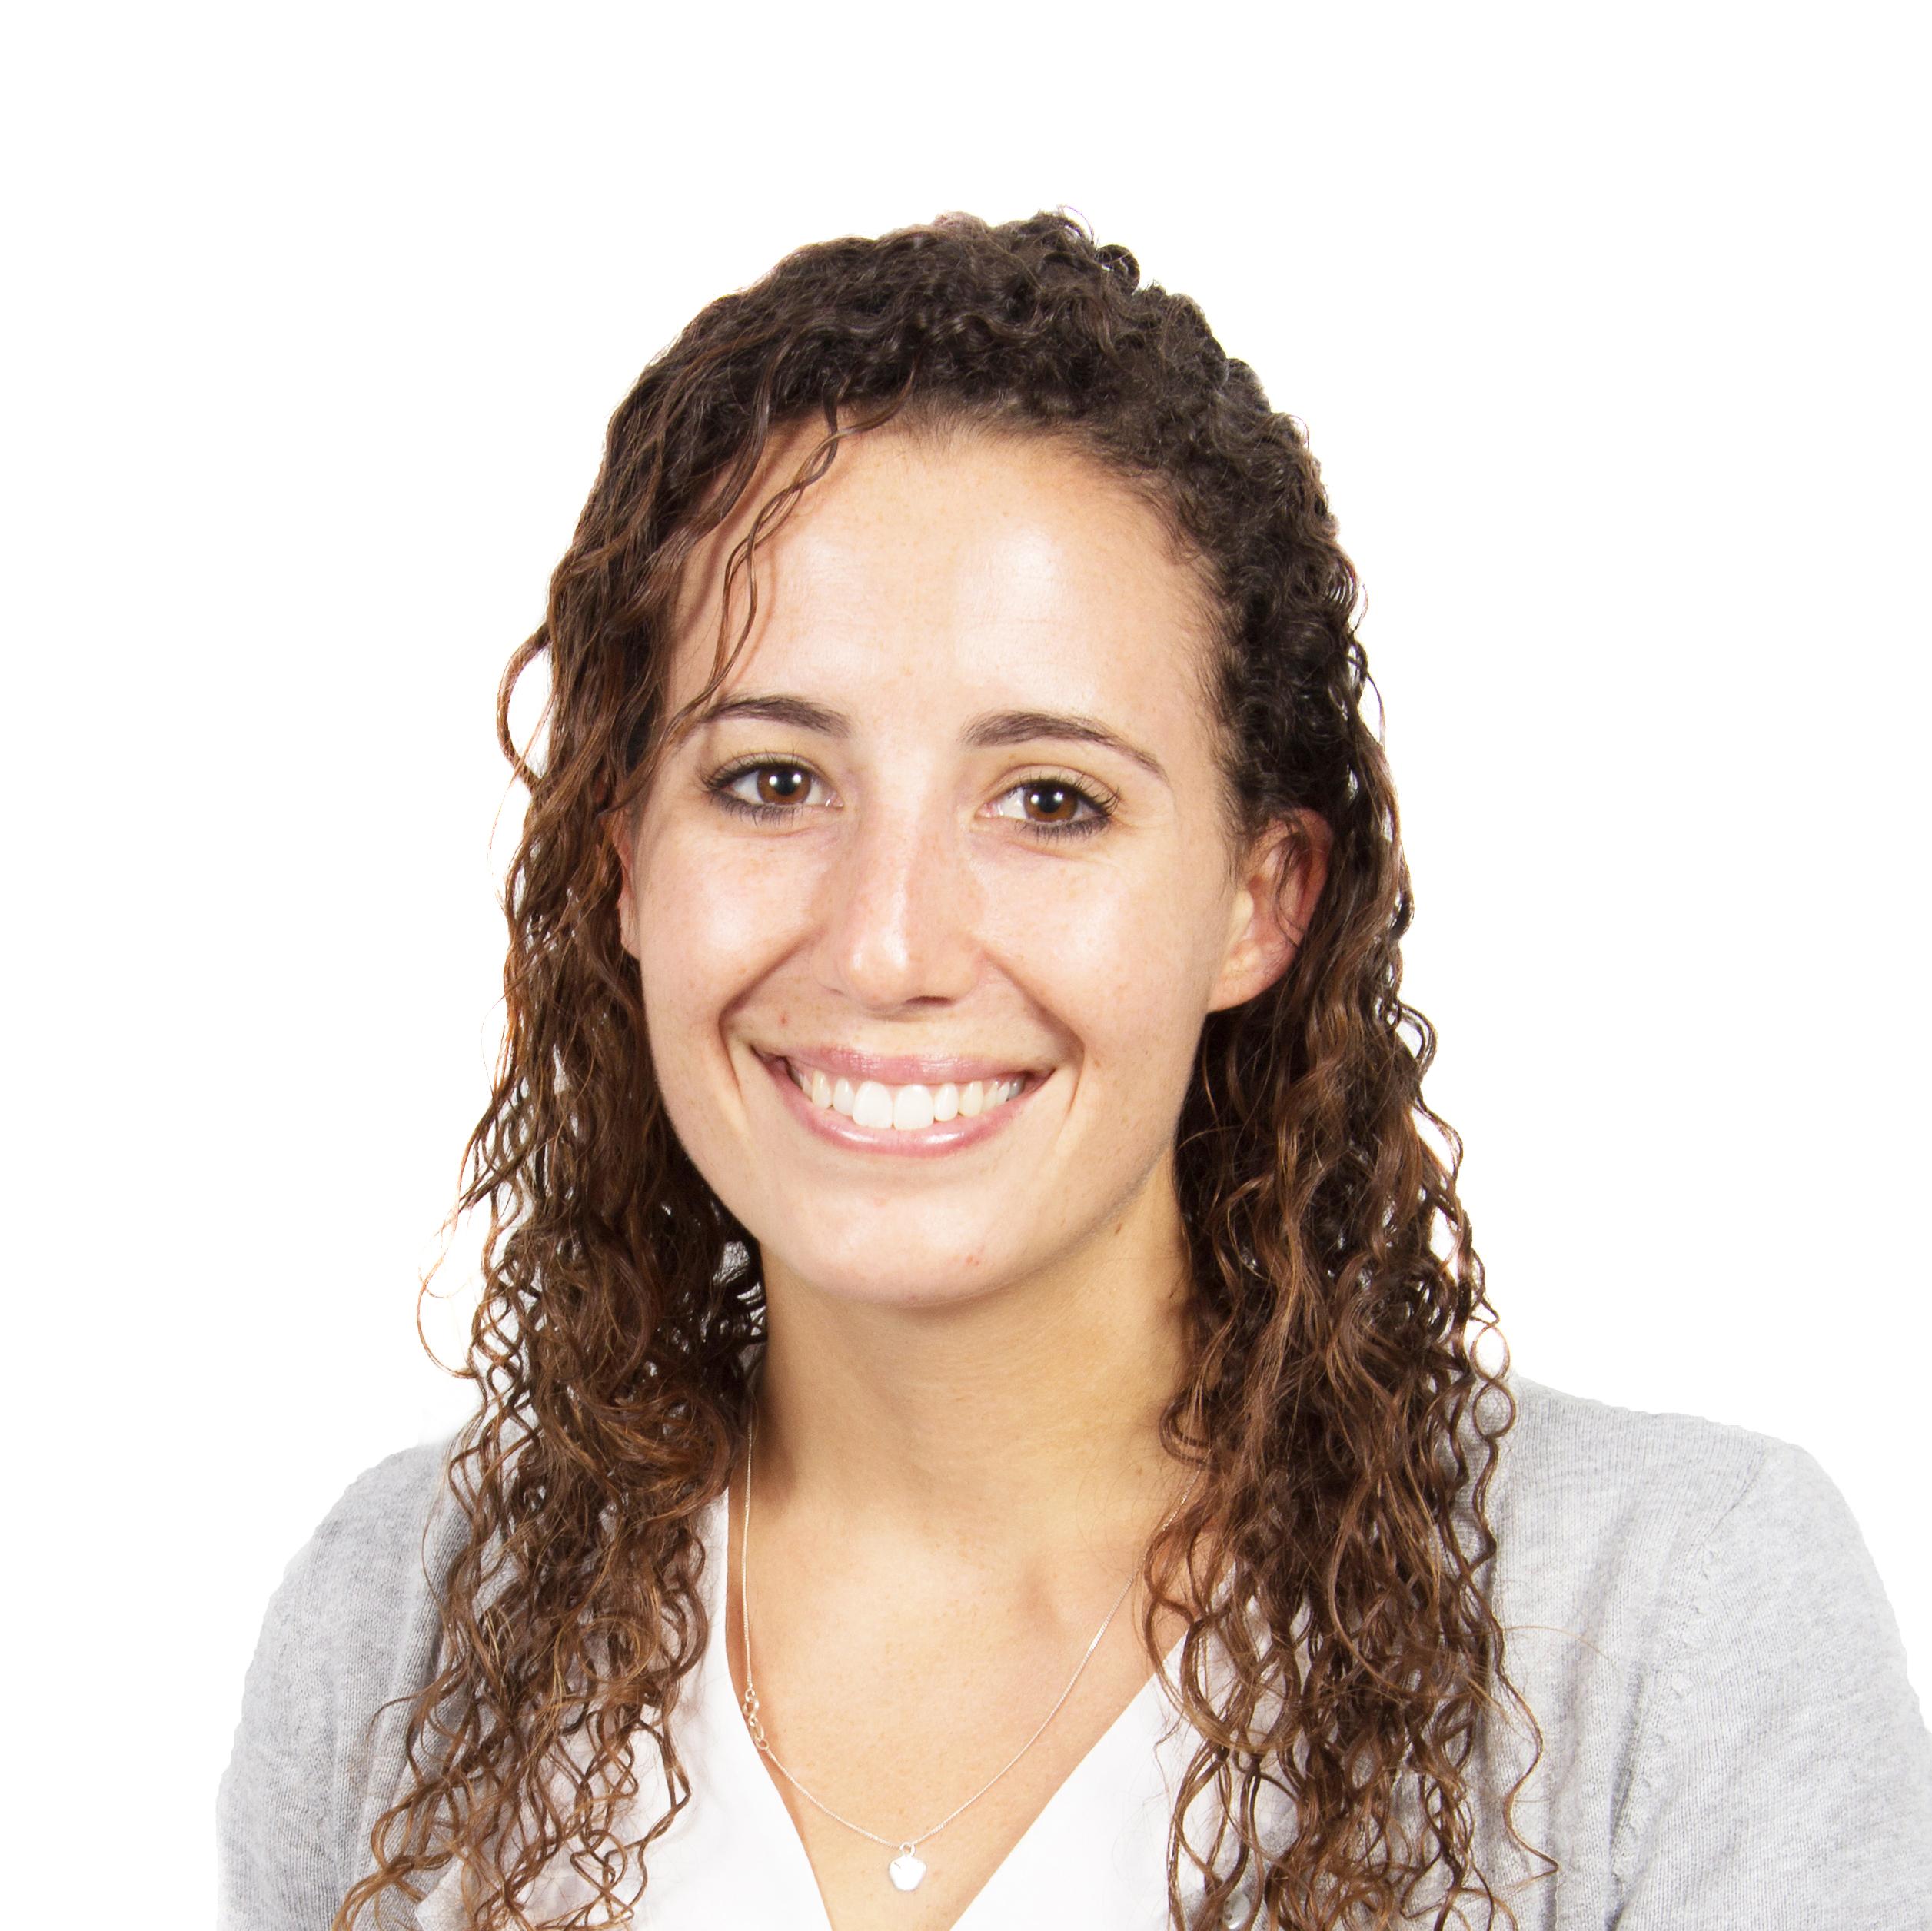 Megan Andrew